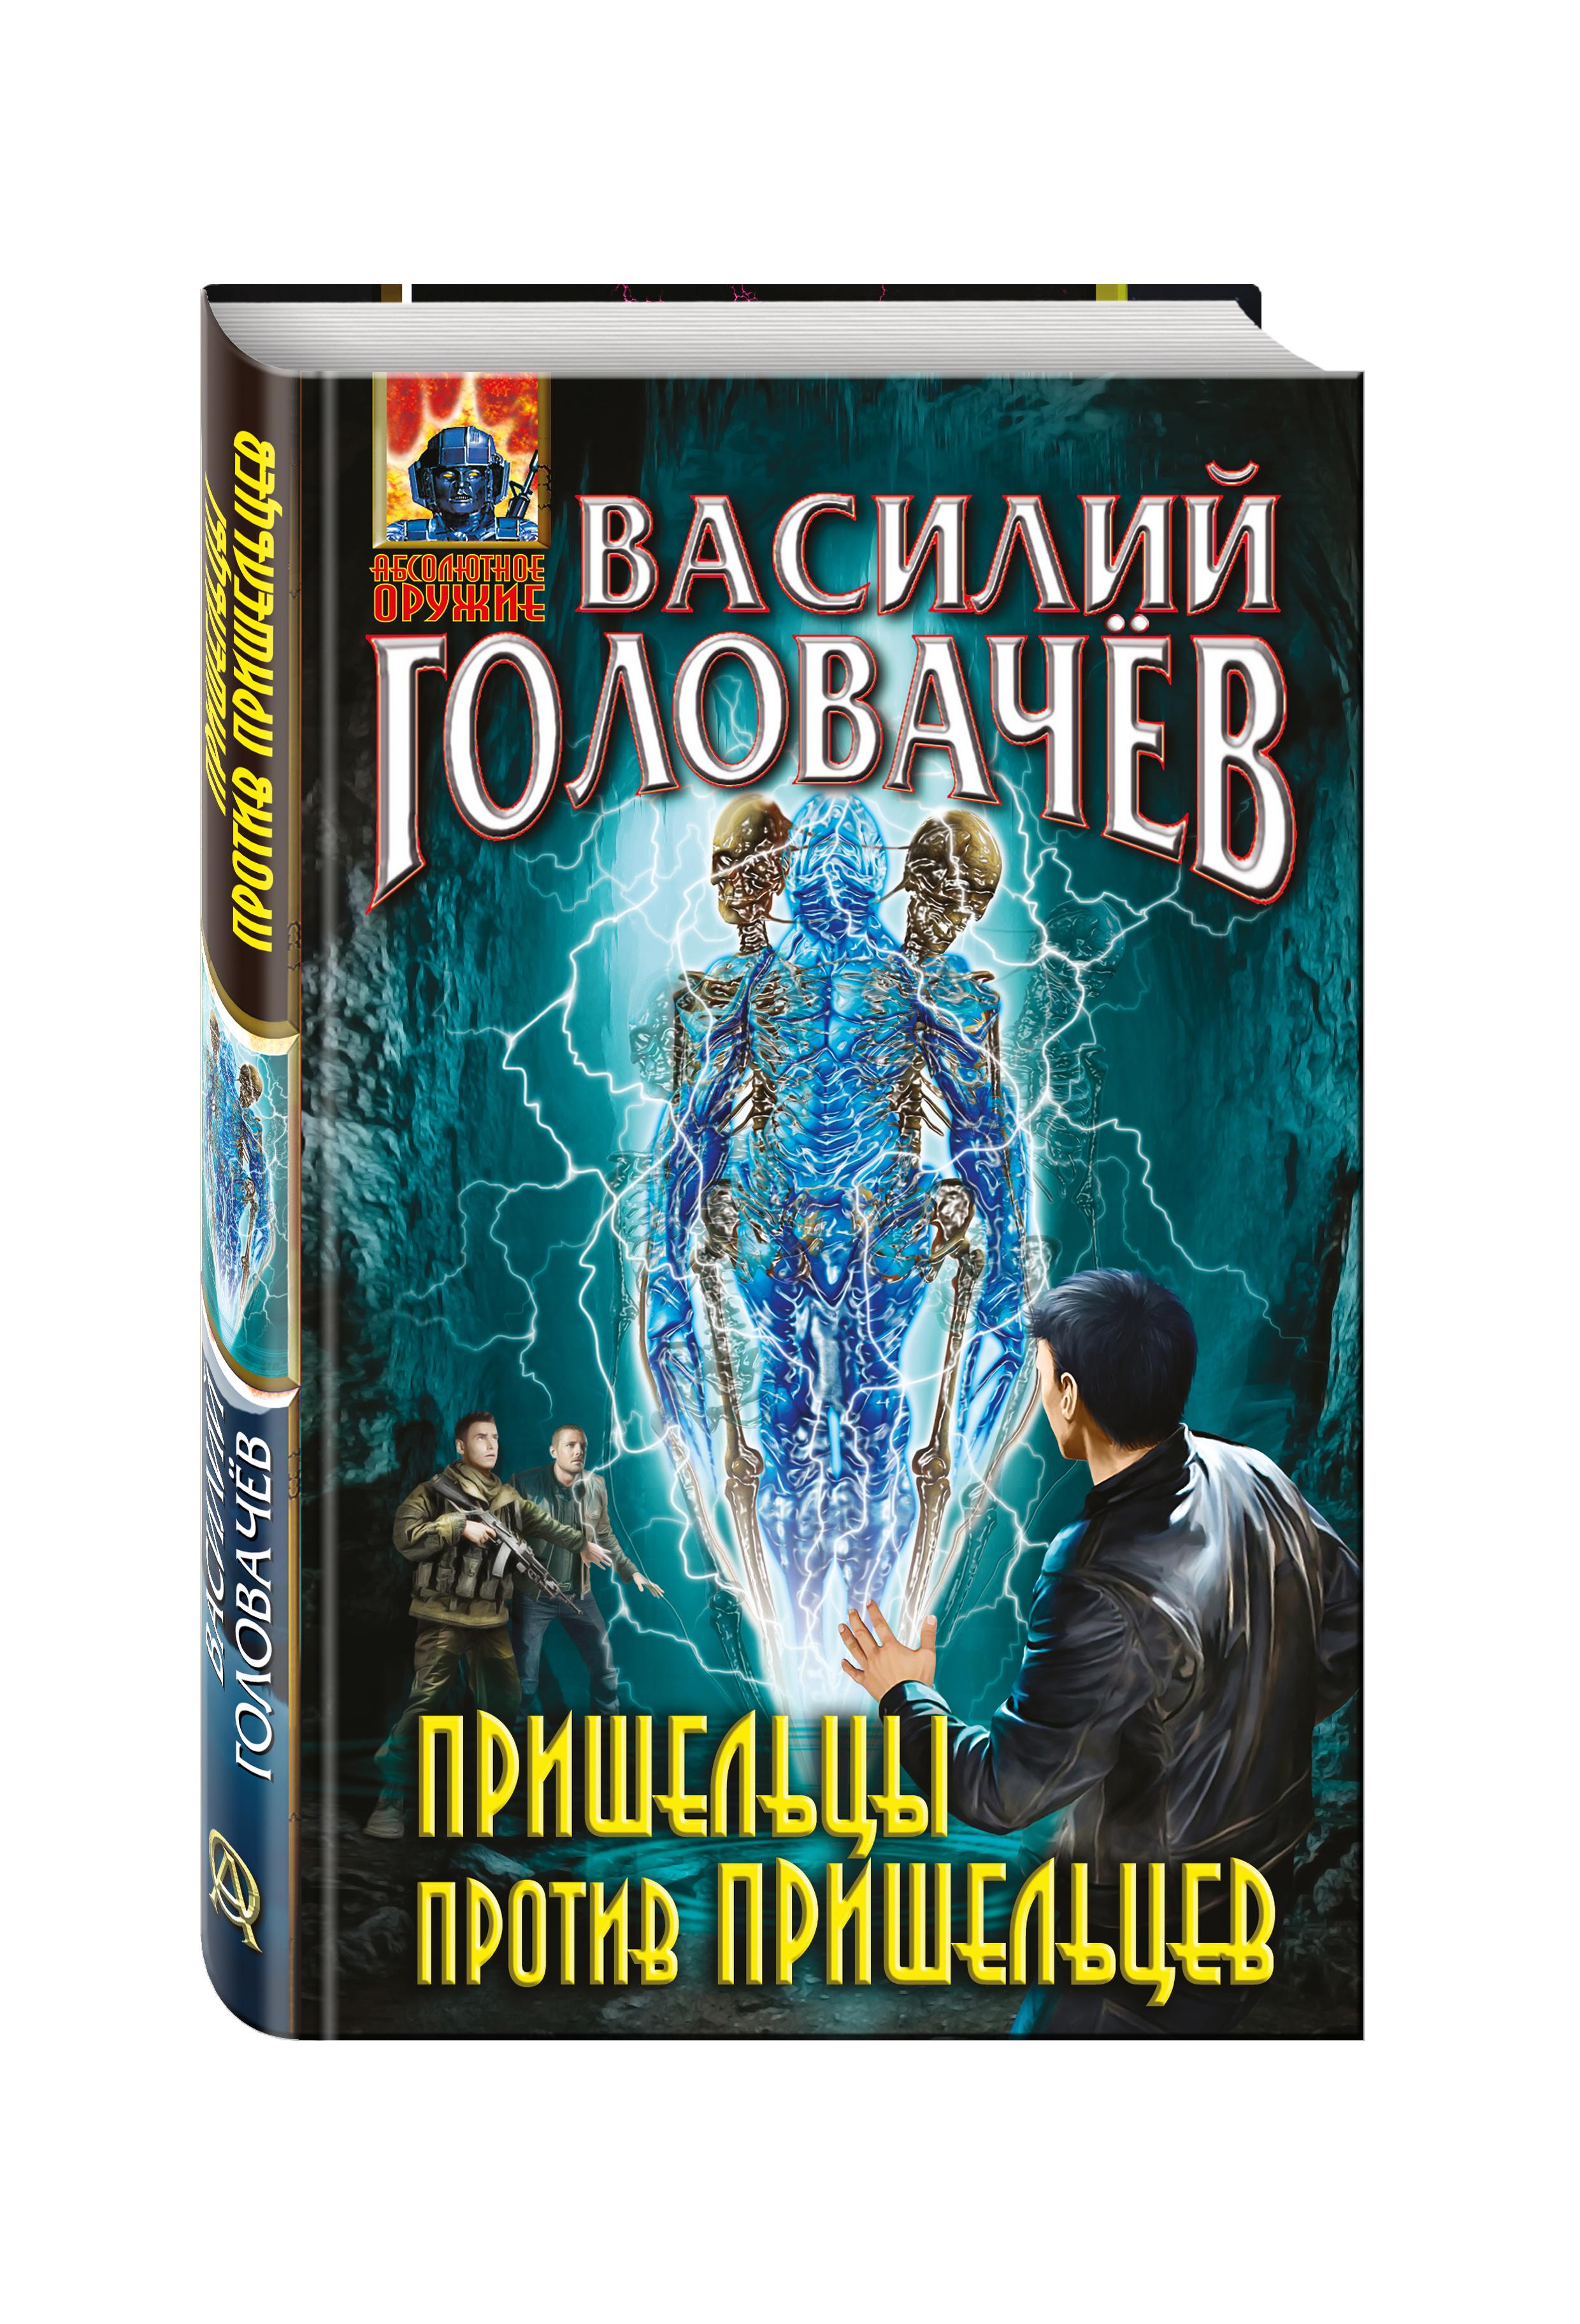 Головачёв В.В. Пришельцы против пришельцев